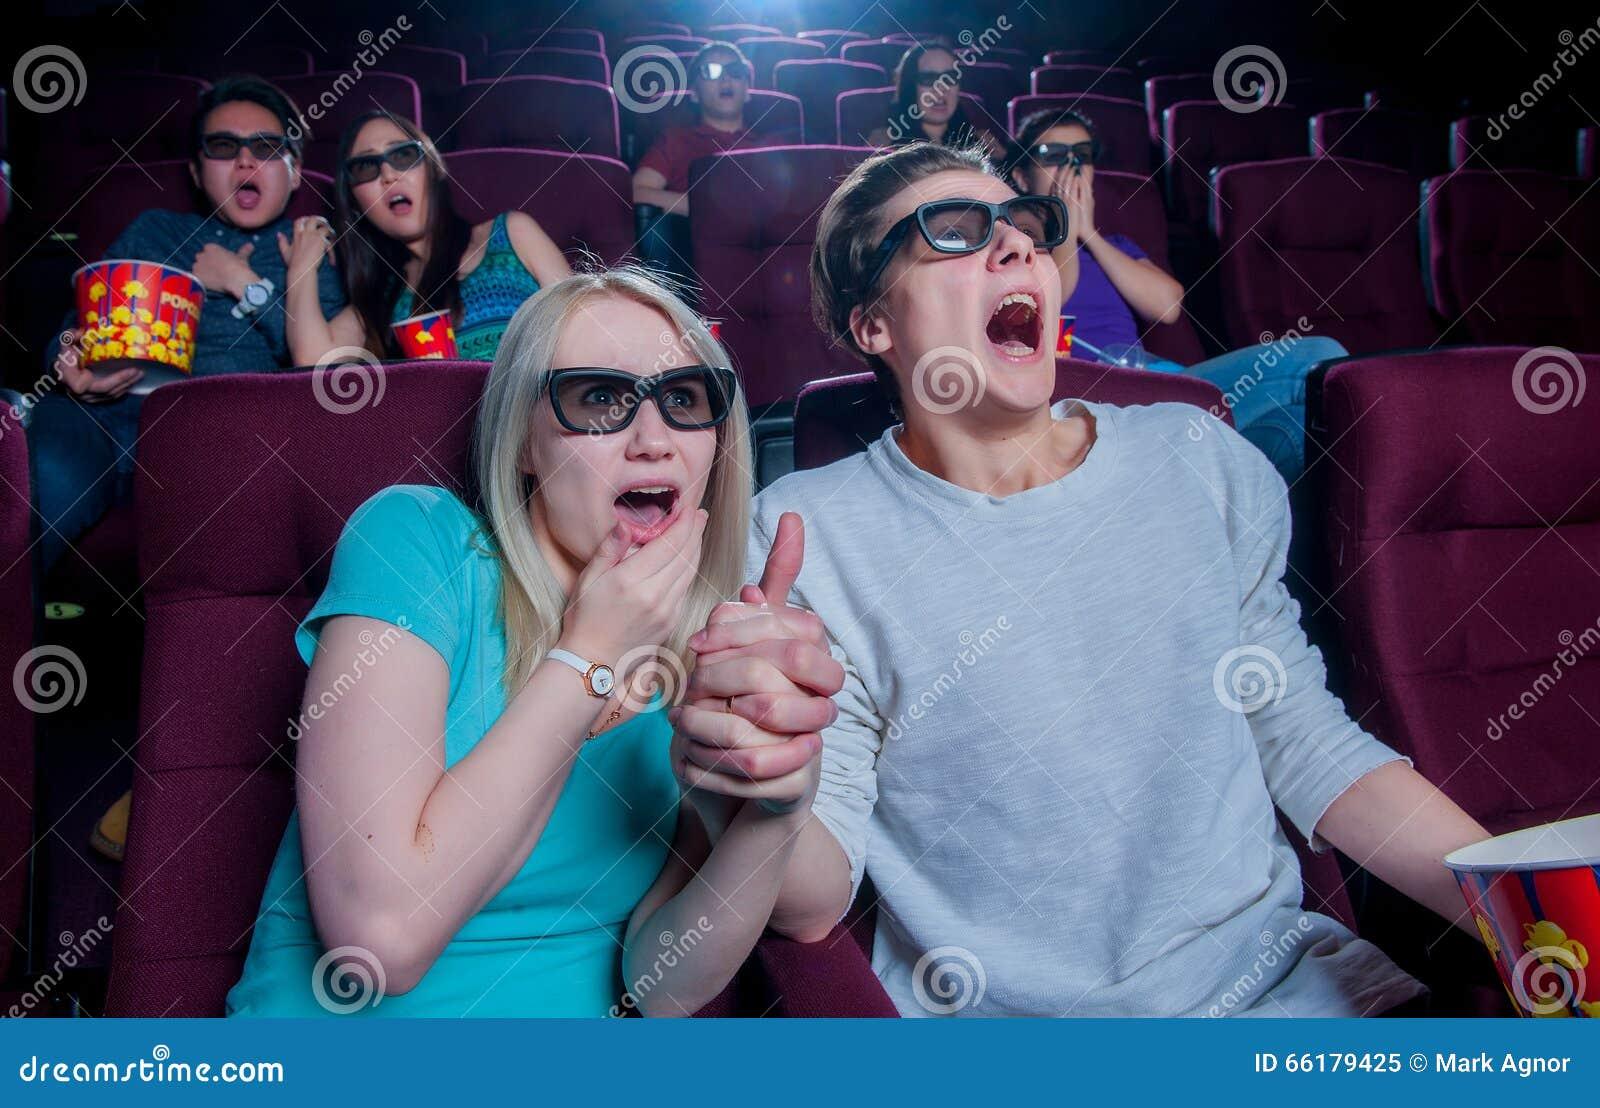 Leute im Kino, das Gläser 3d trägt